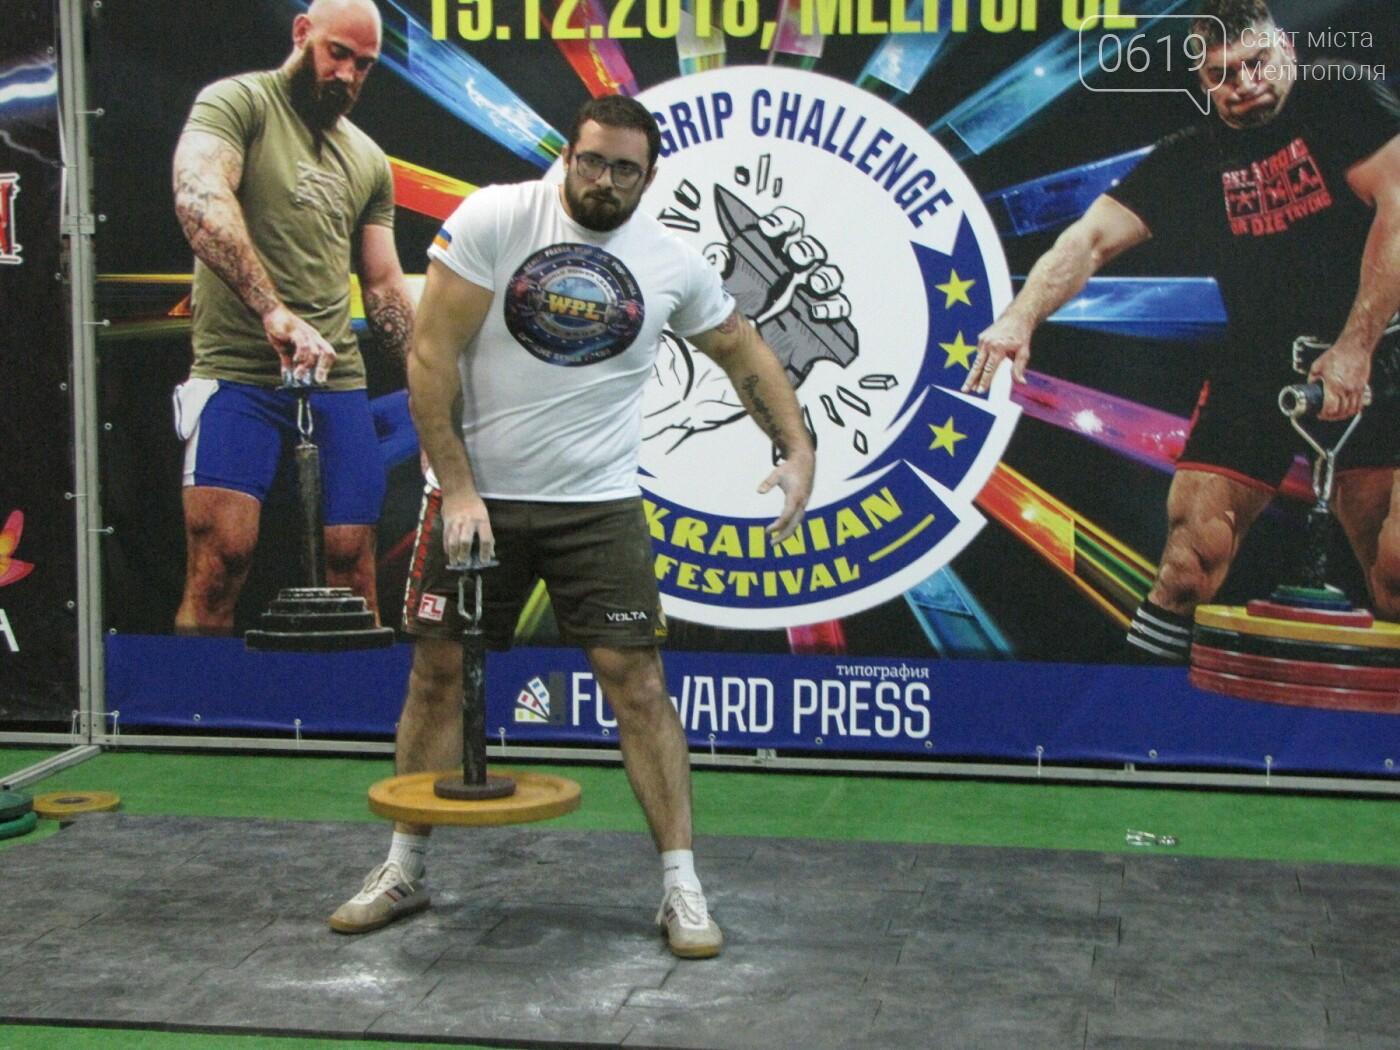 В Мелитополе сильнейшие атлеты соревновались в силе хвата, фото-41